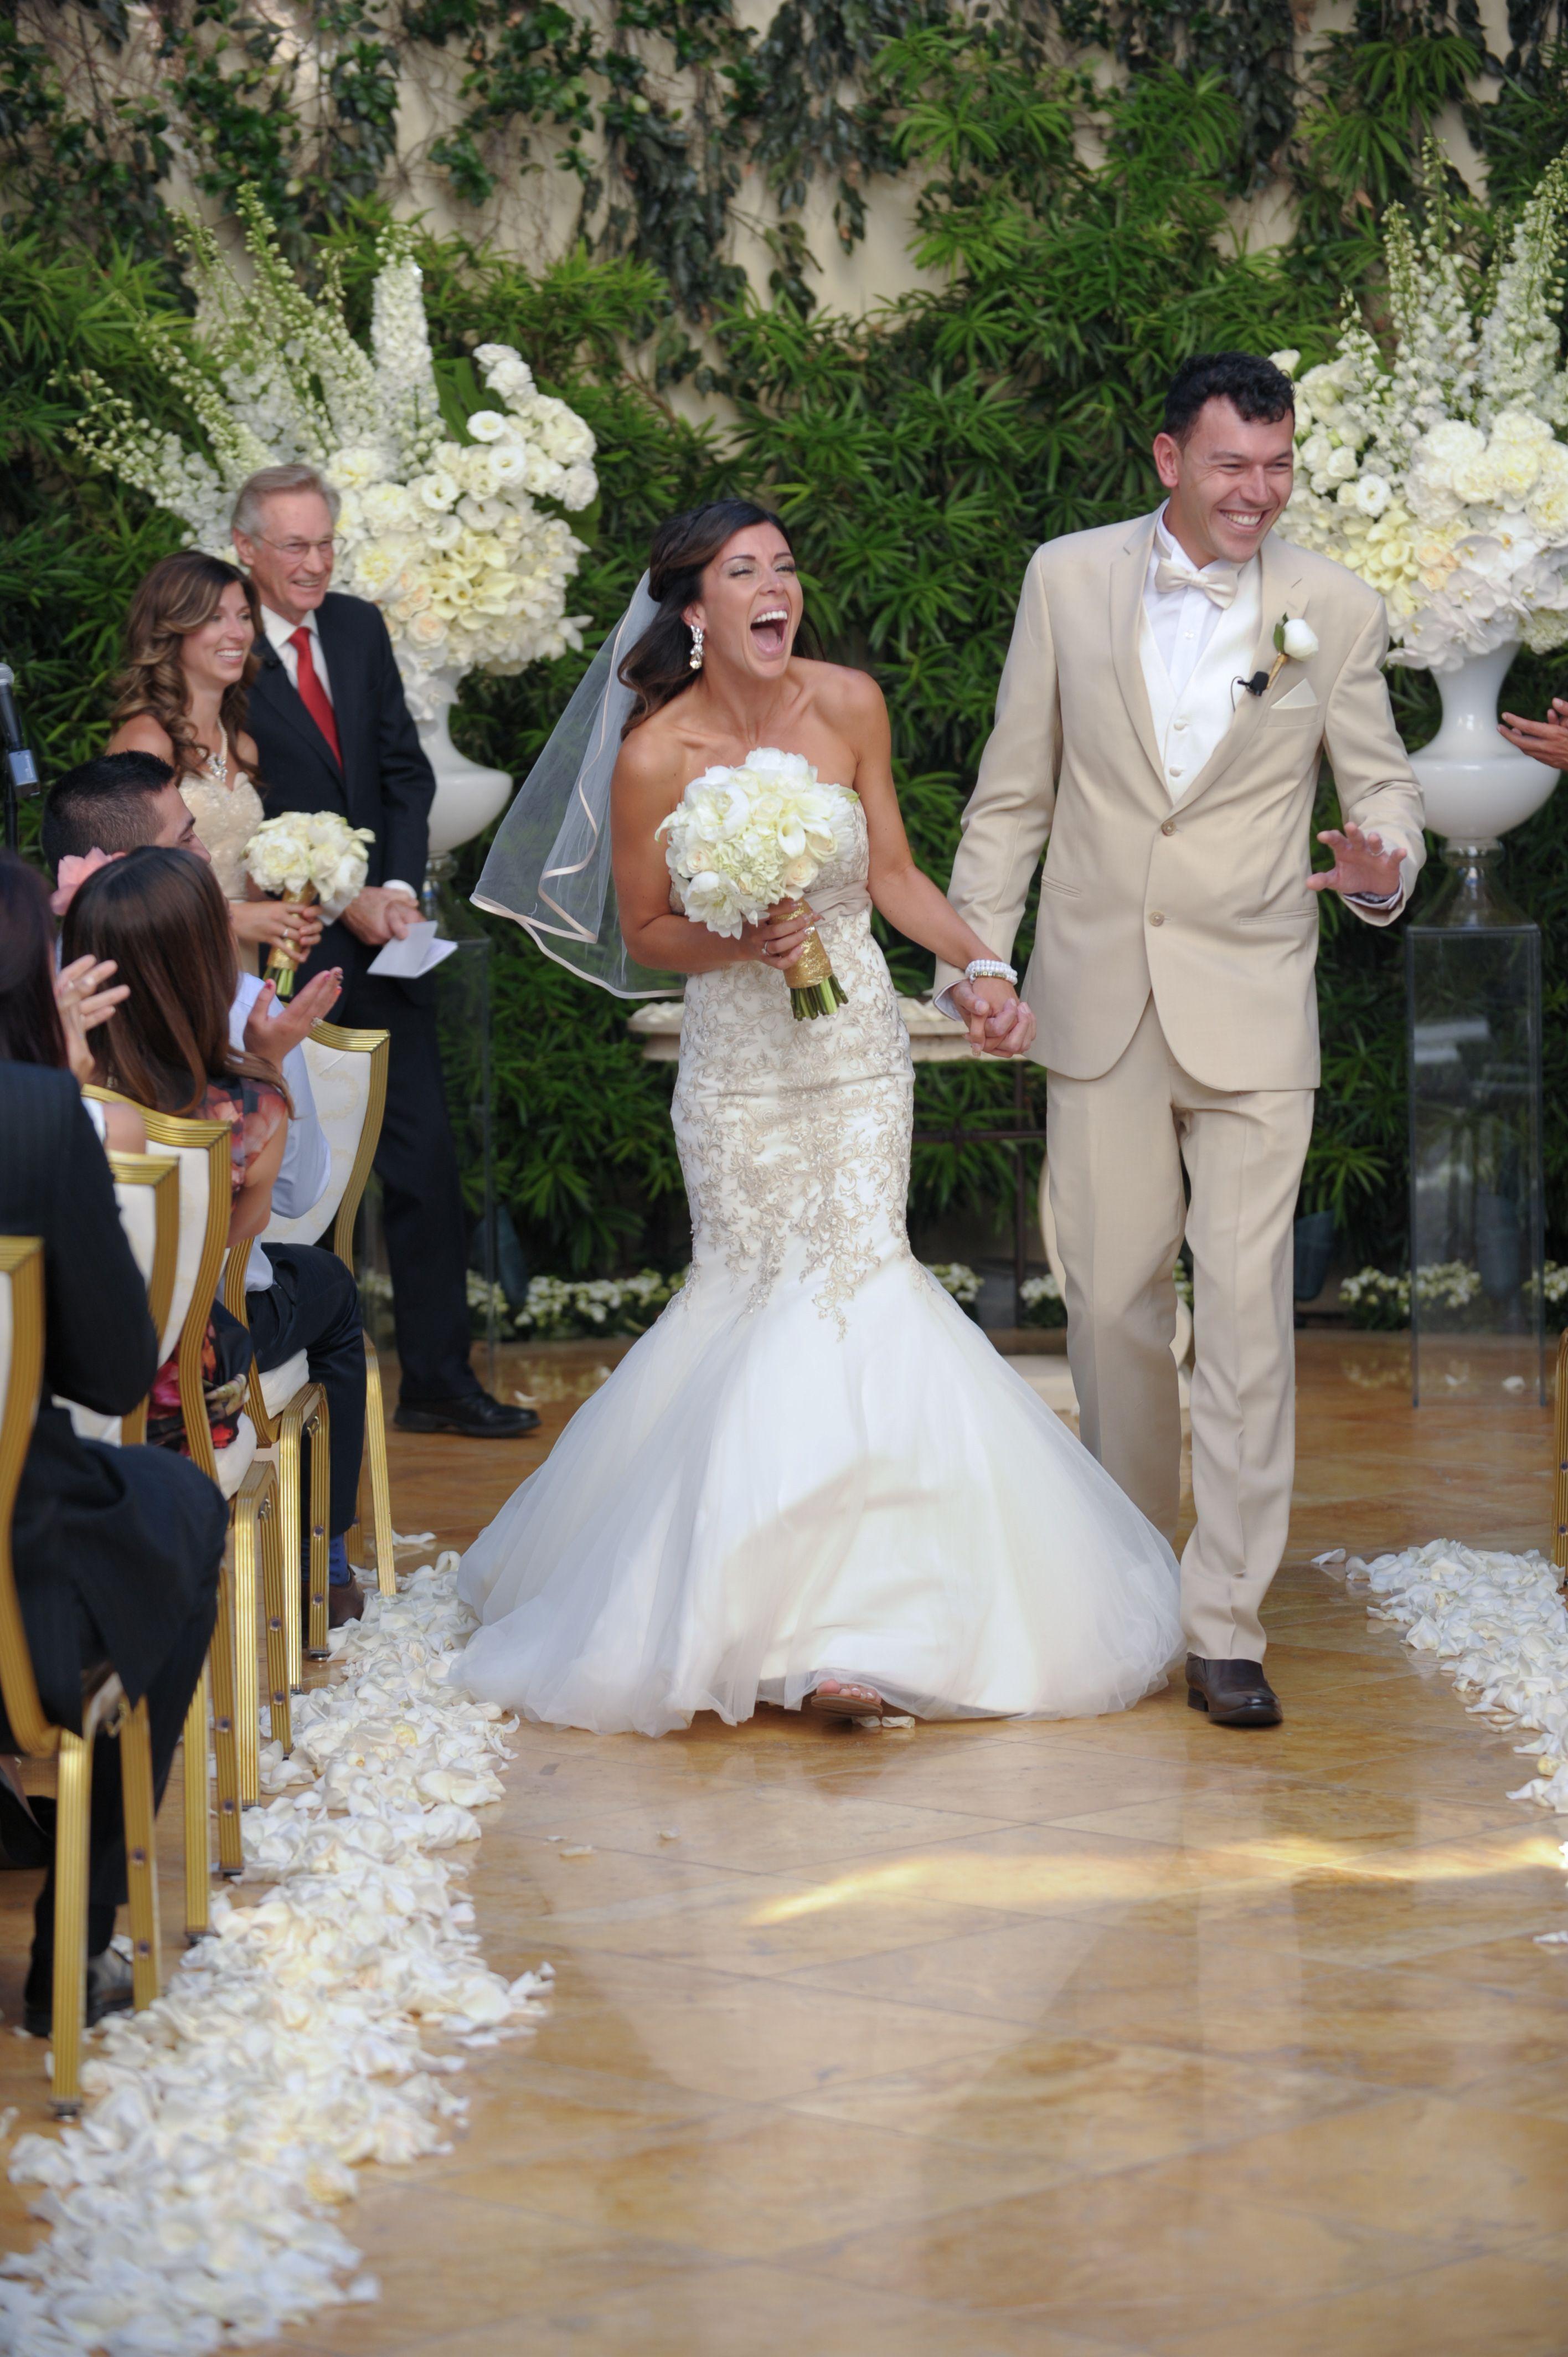 A beautiful las vegas wedding at wynn hotel casino in